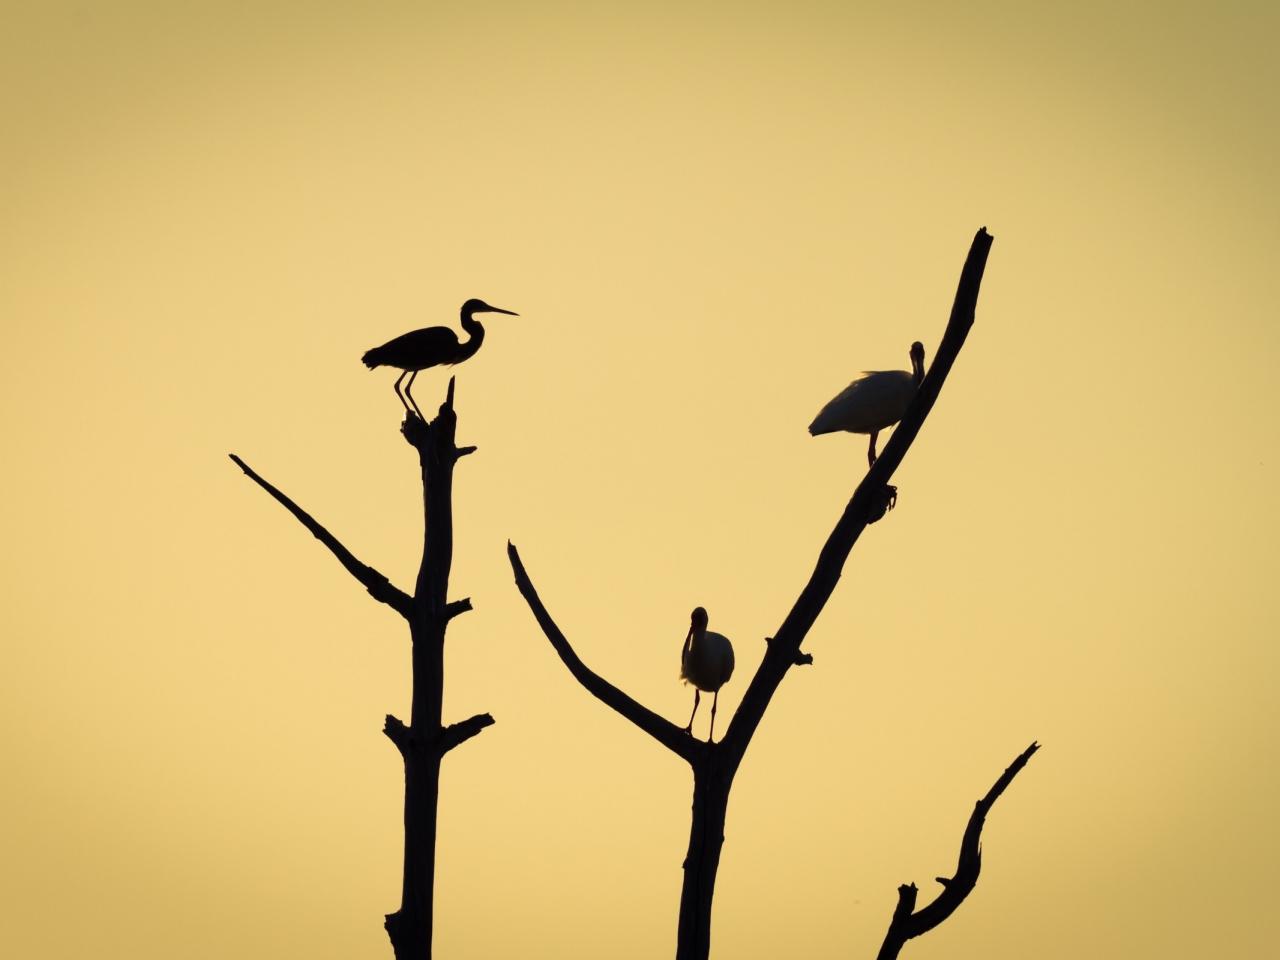 Aves en árboles - 1280x960